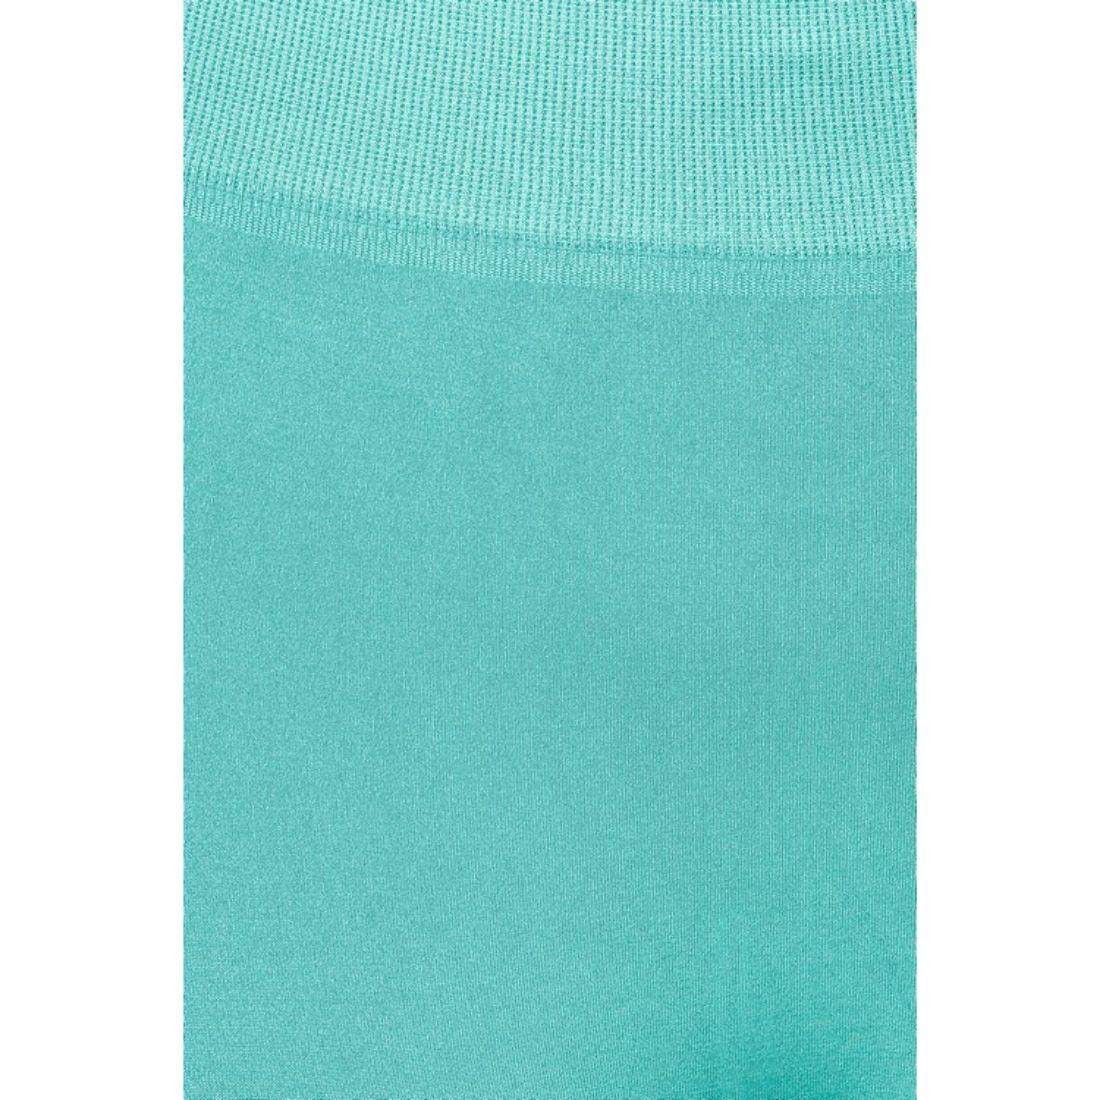 miniature 43 - Femmes Grande Taille Capri Leggings Court Stretch Pantalon Basique Solide Pour